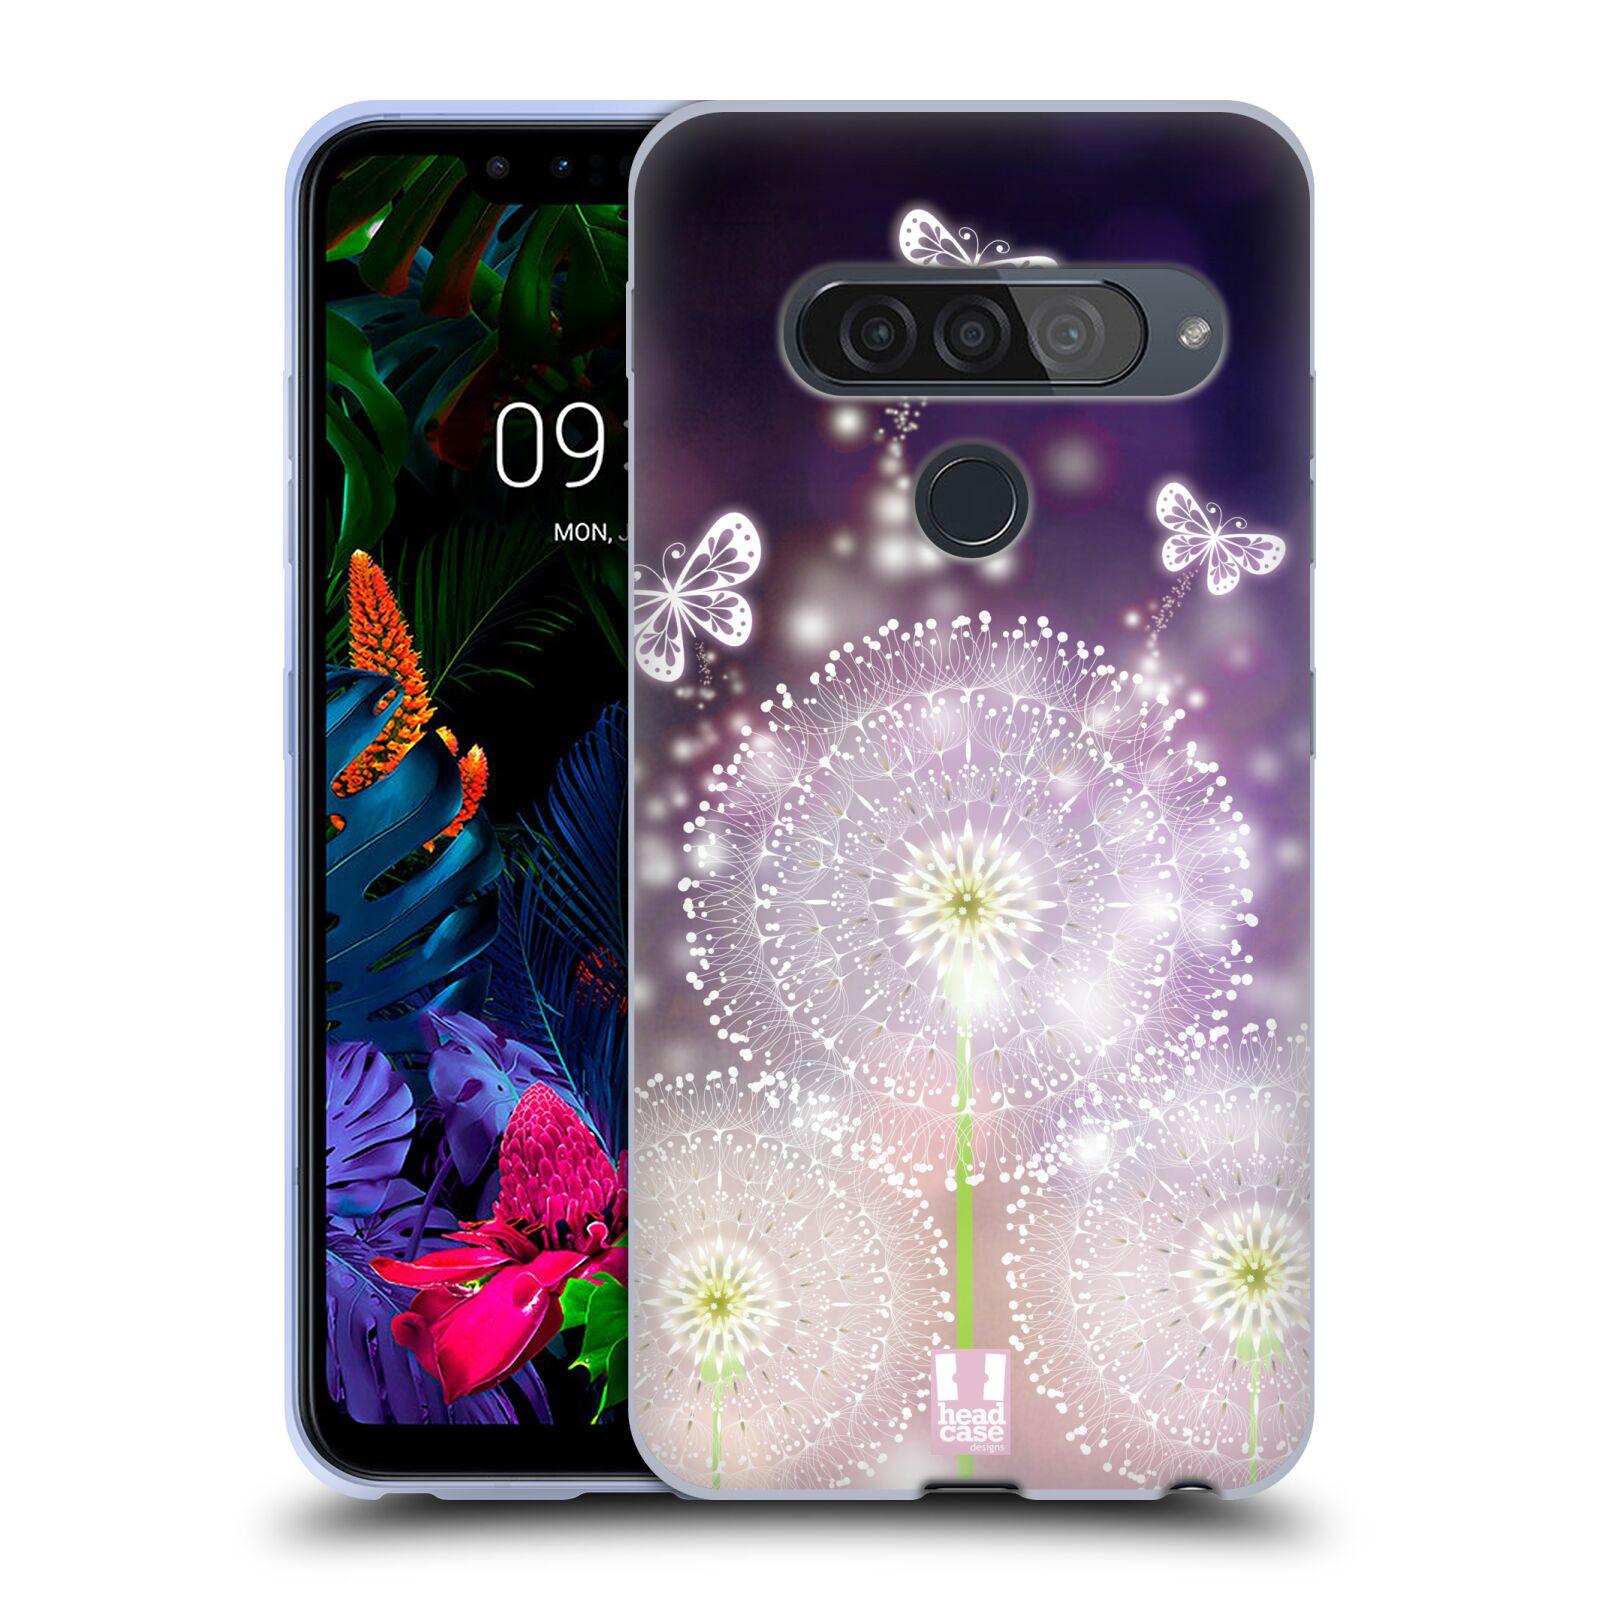 Silikonové pouzdro na mobil LG G8s ThinQ - Head Case - Pampelišky a Motýlci